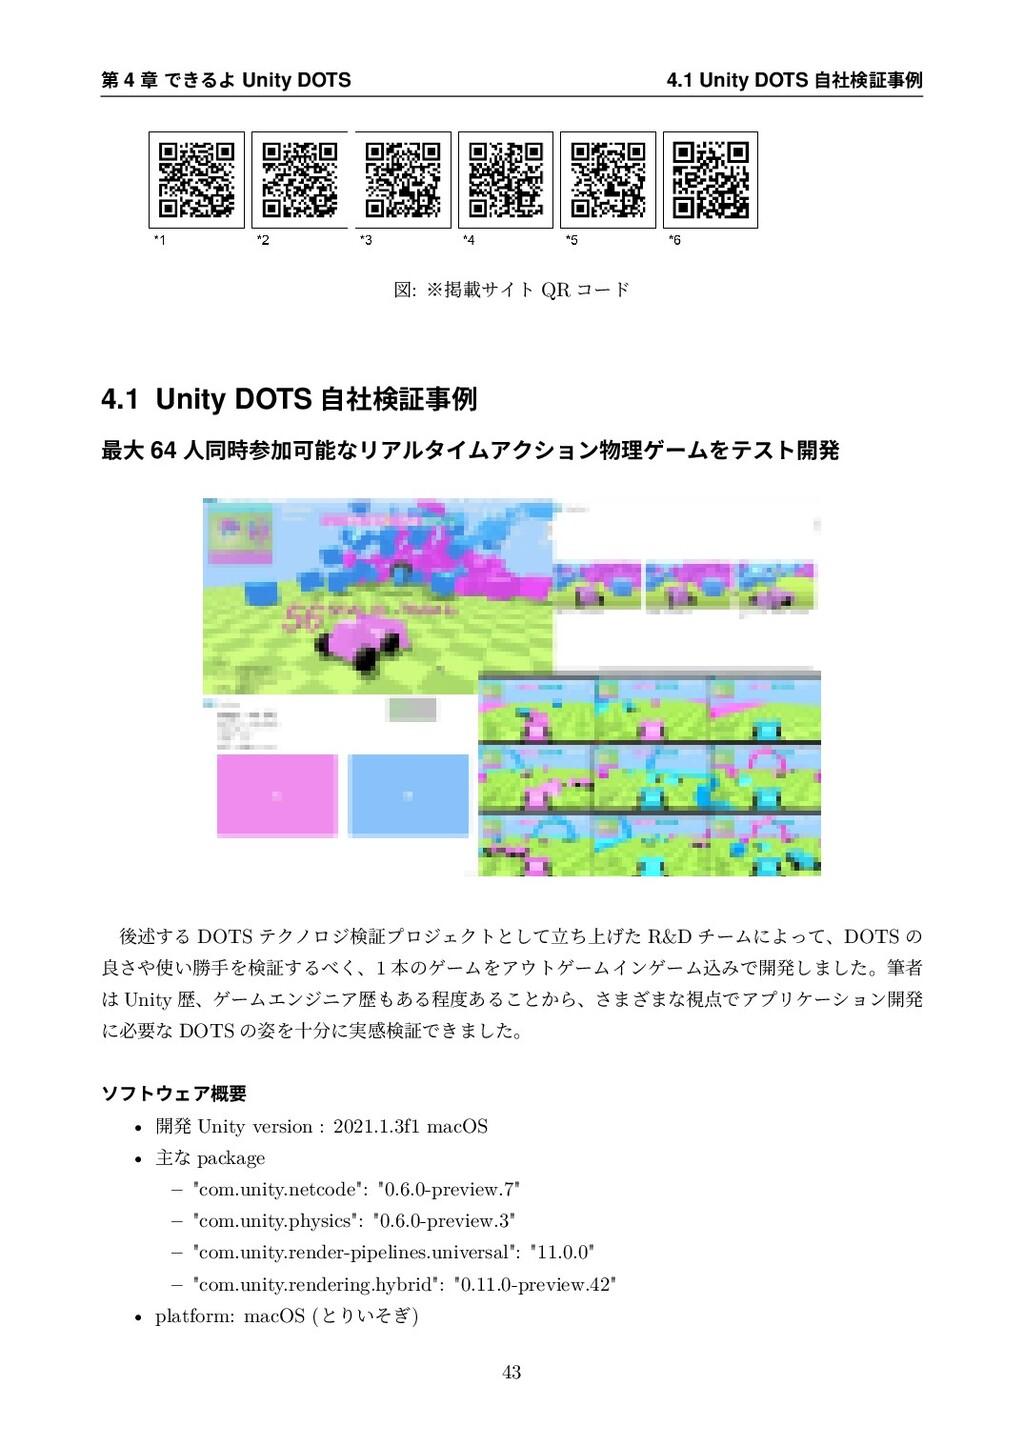 ୈ 4 ষ Ͱ͖ΔΑ Unity DOTS 4.1 Unity DOTS ࣗࣾݕূྫ ਤ: ...